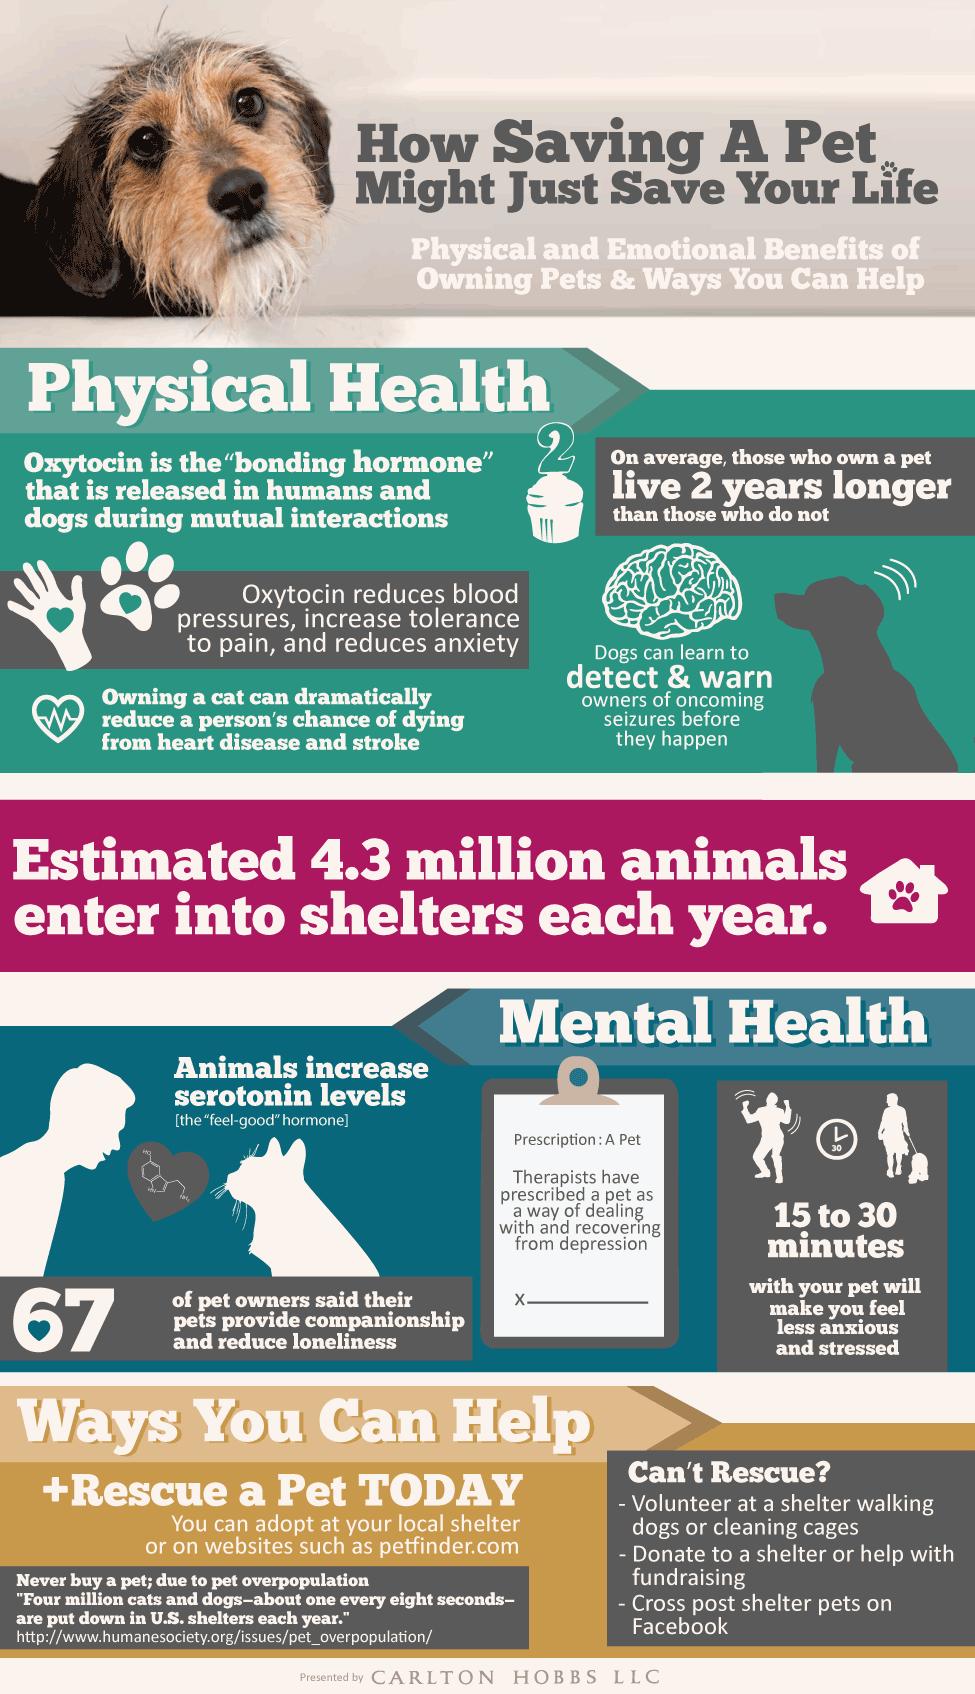 Saving A Pet Might Just Save Your Life